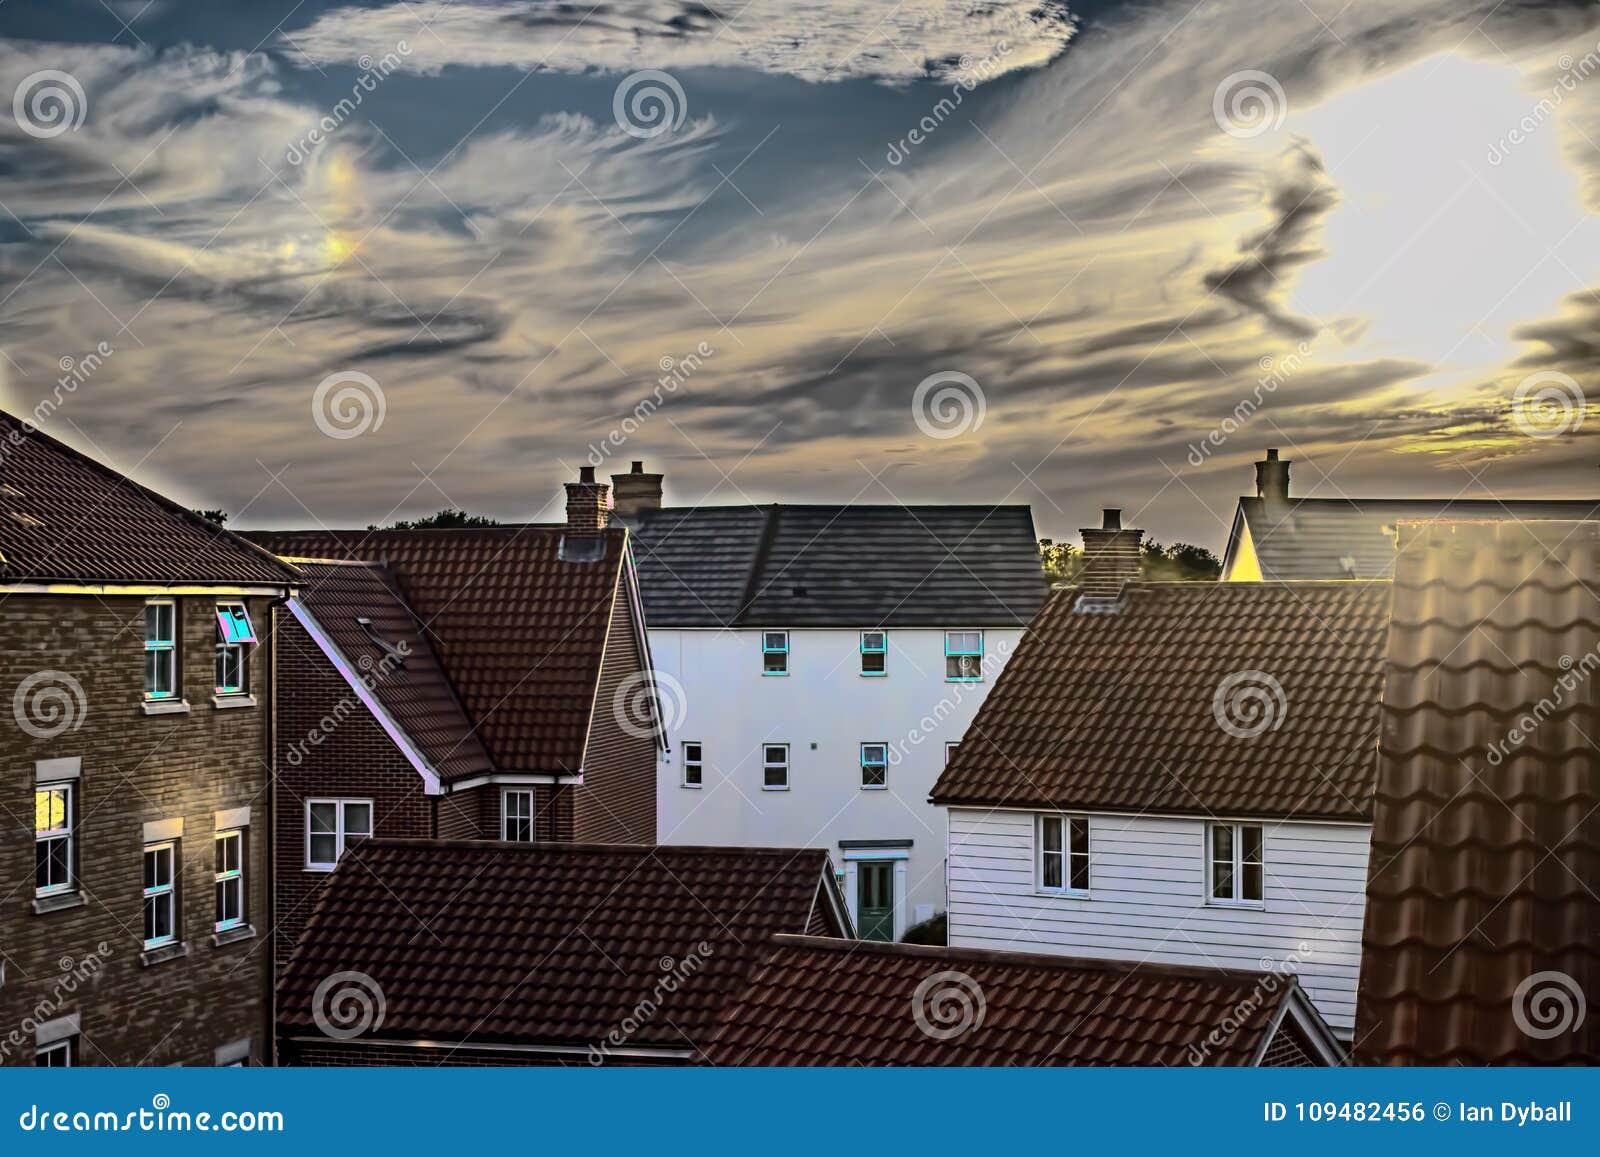 Mjukt dröm-som bild av ett modernt förorts- bostadsområde